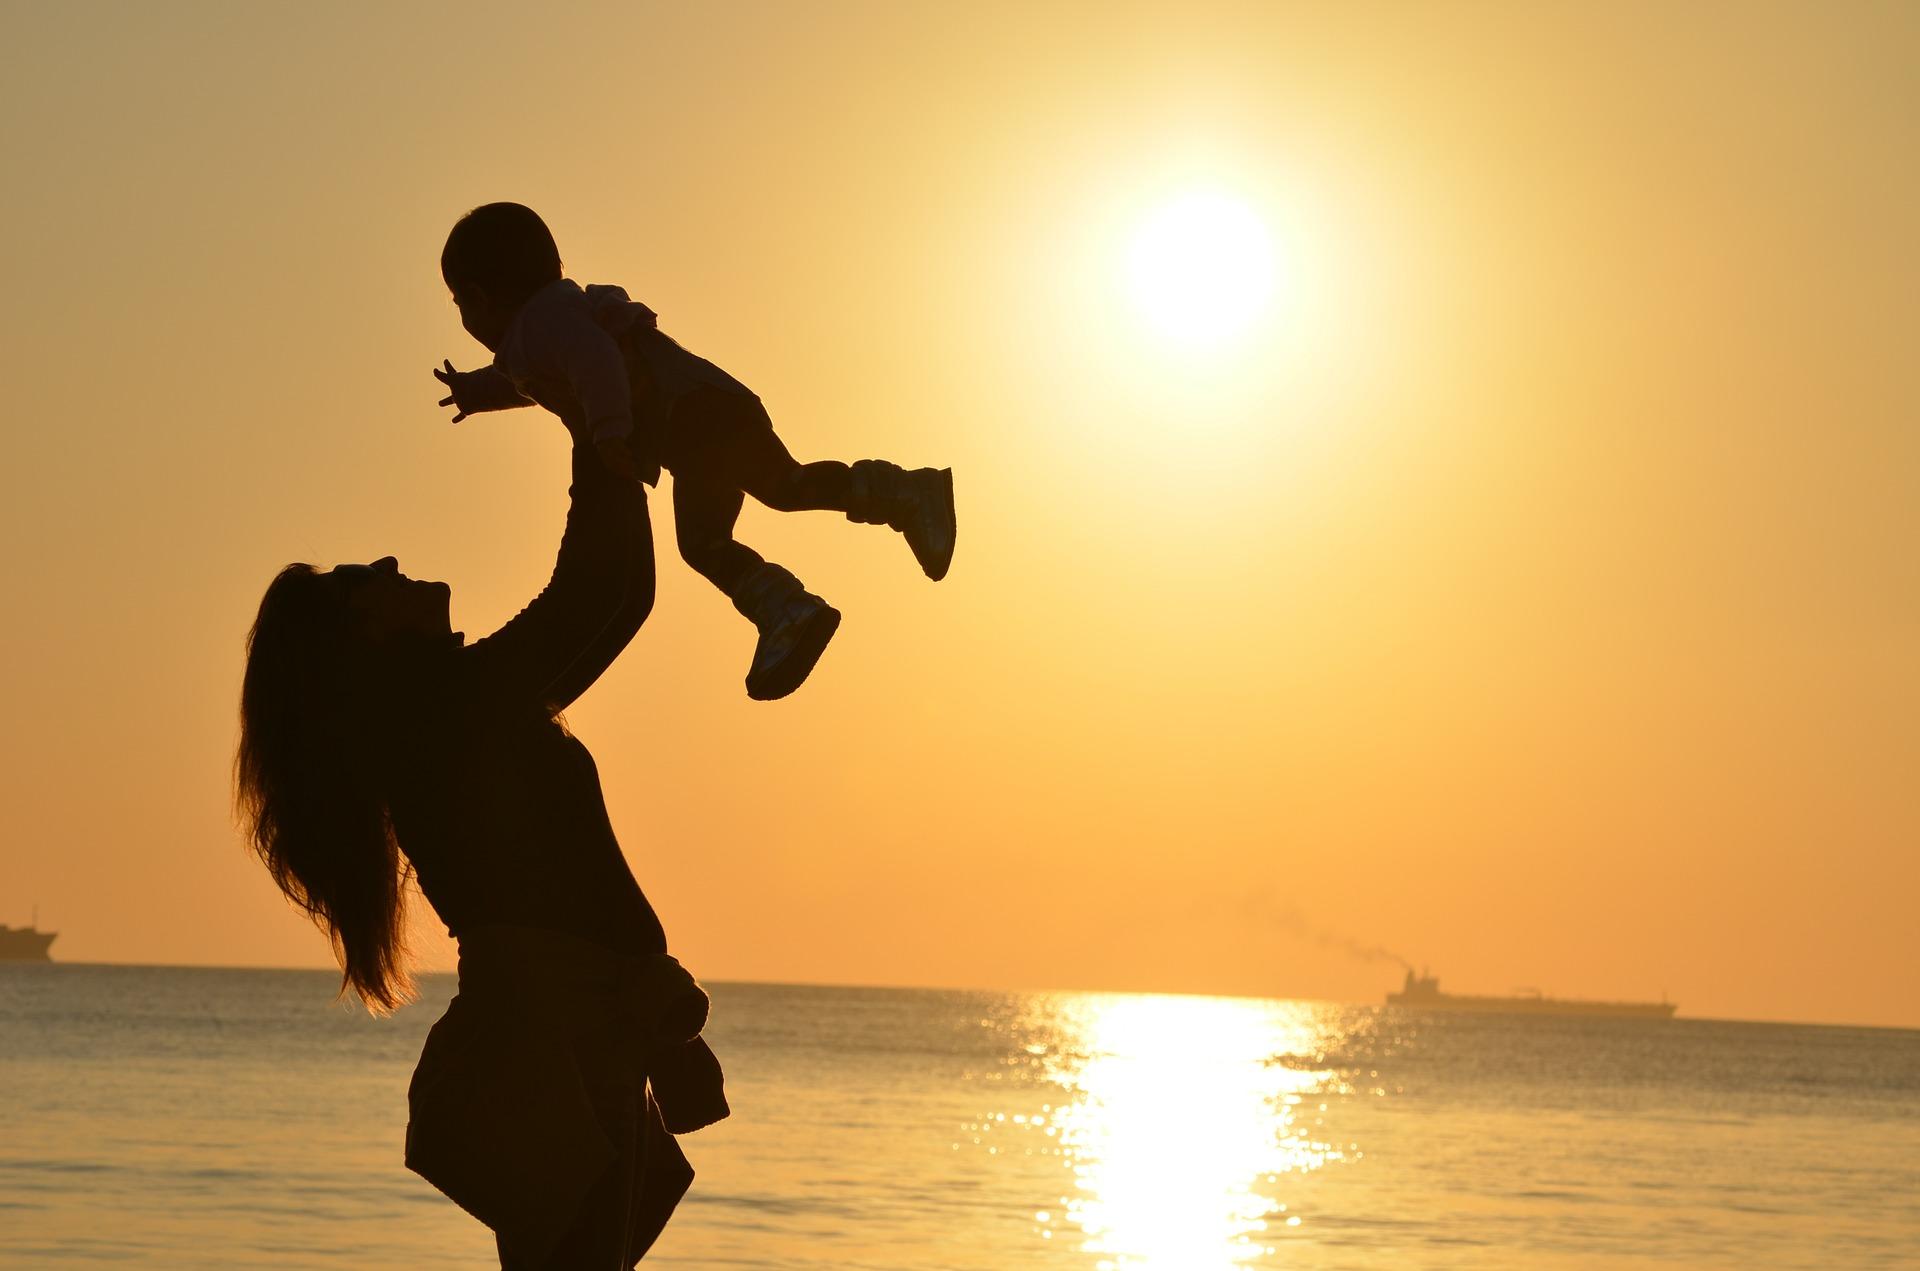 Las españolas tienes menos hijos de los que desearían por razones laborales, económicas y la dificultad para conciliar